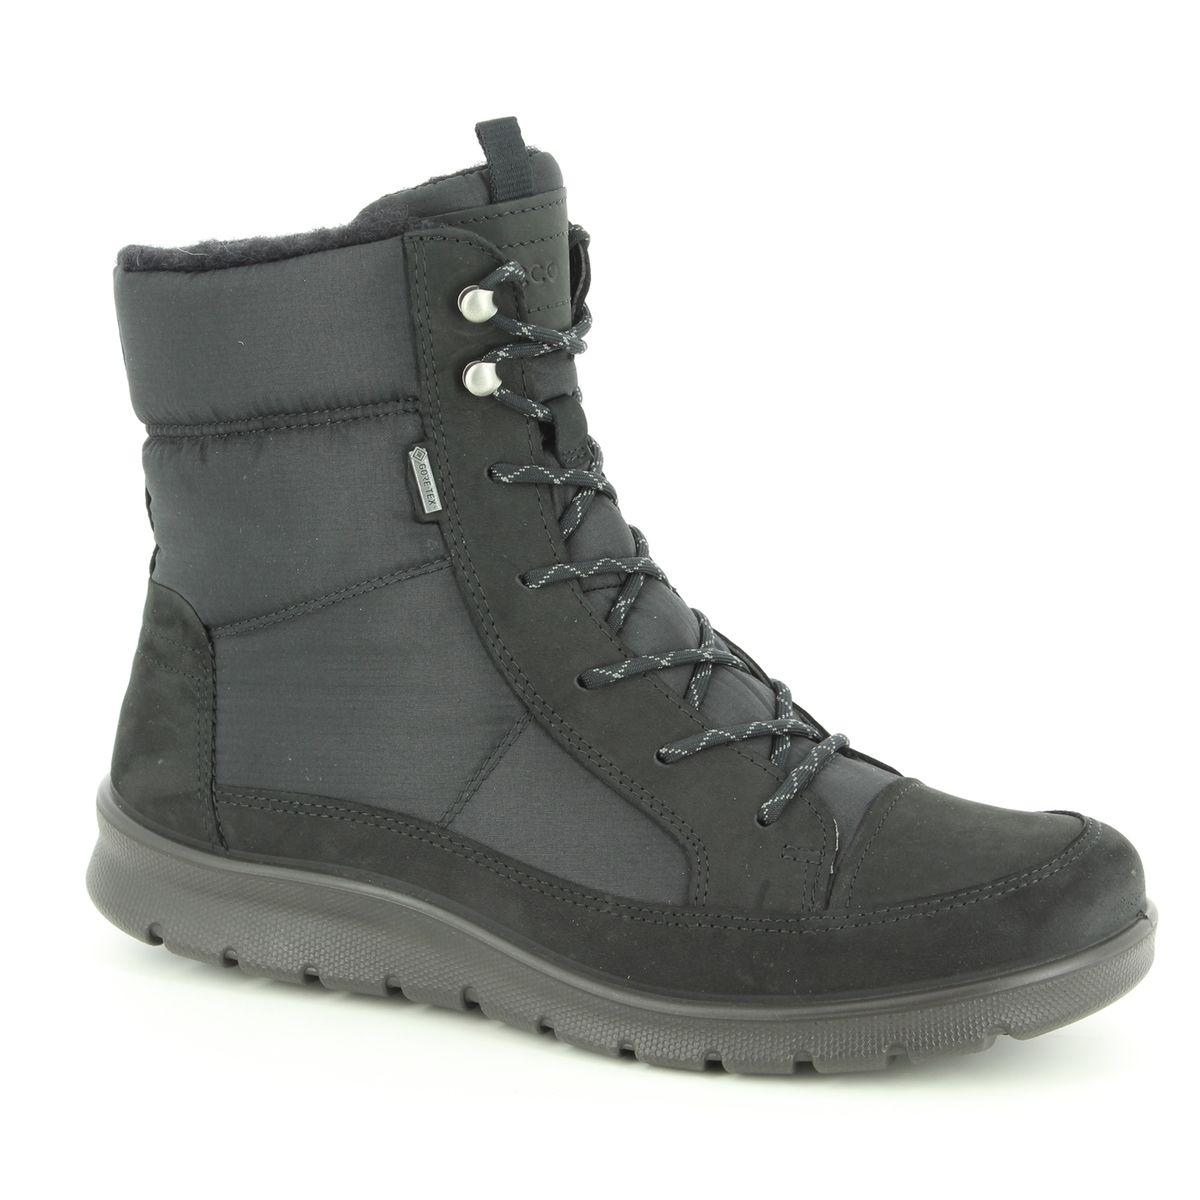 1e77edf7 ECCO Winter Boots - Black nubuck - 215553/51052 BABETT BOOT GORE-TEX 85